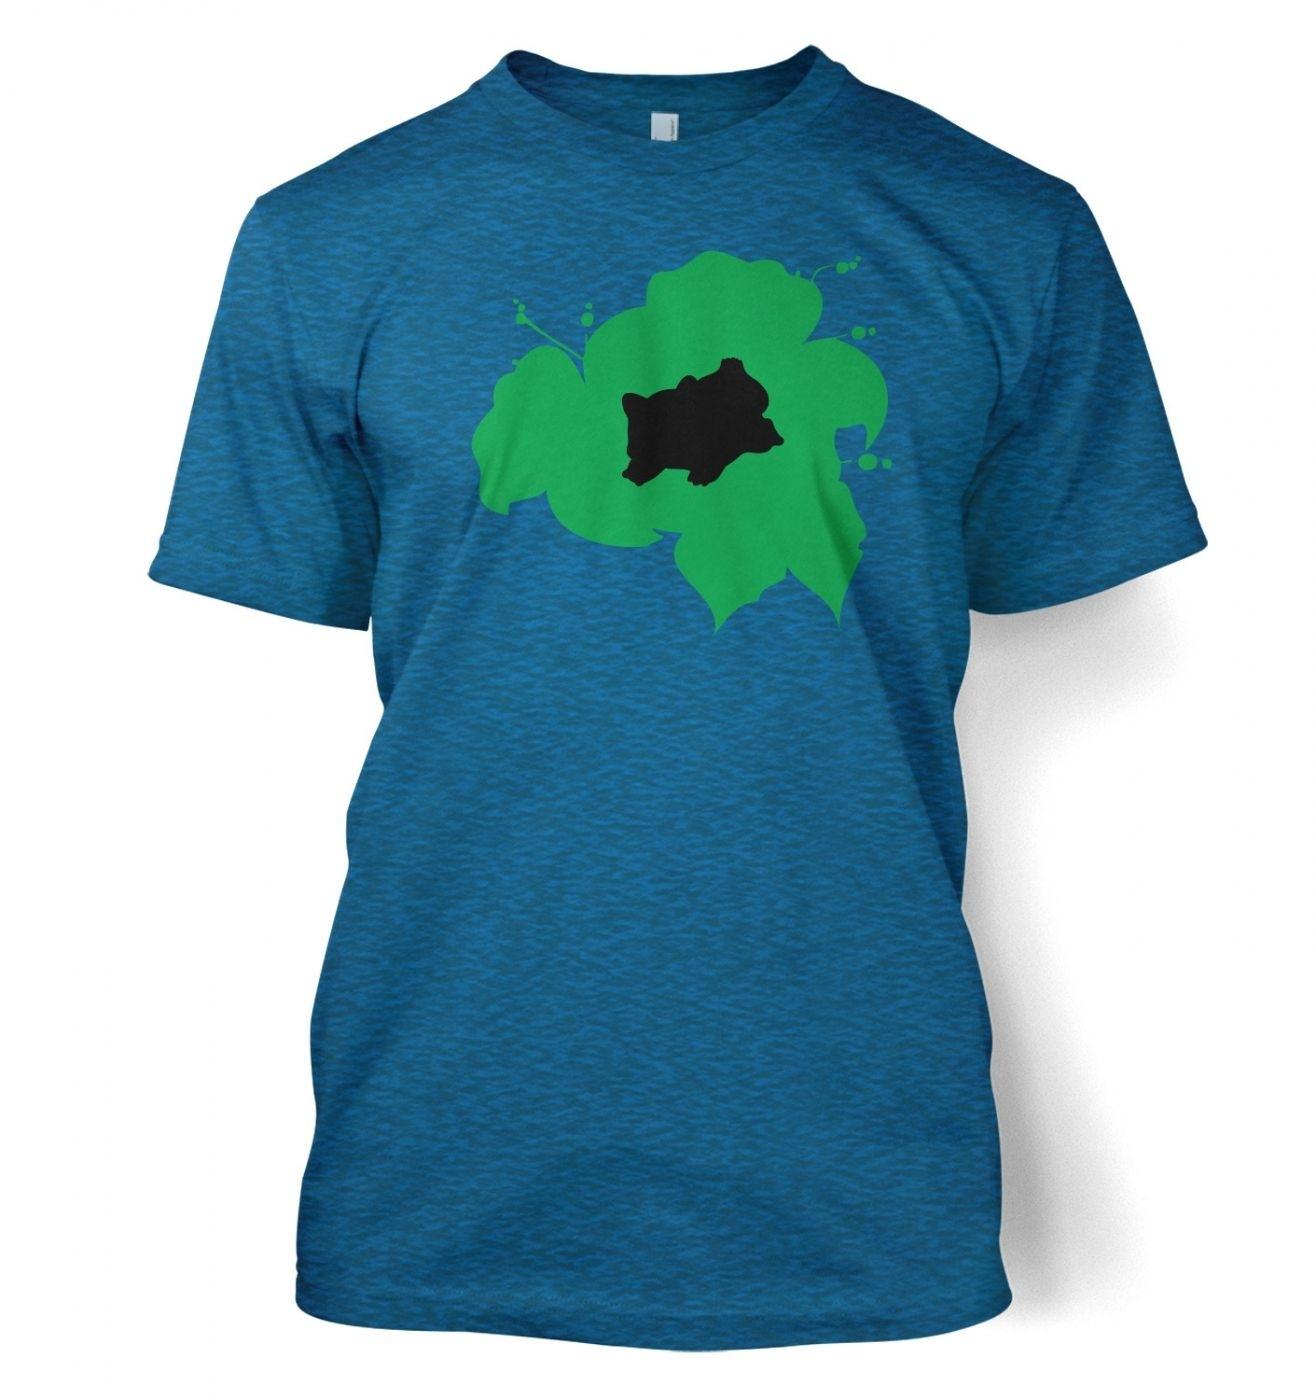 Green Bulbasaur Silhouette T-Shirt - Inspired by Pokemon